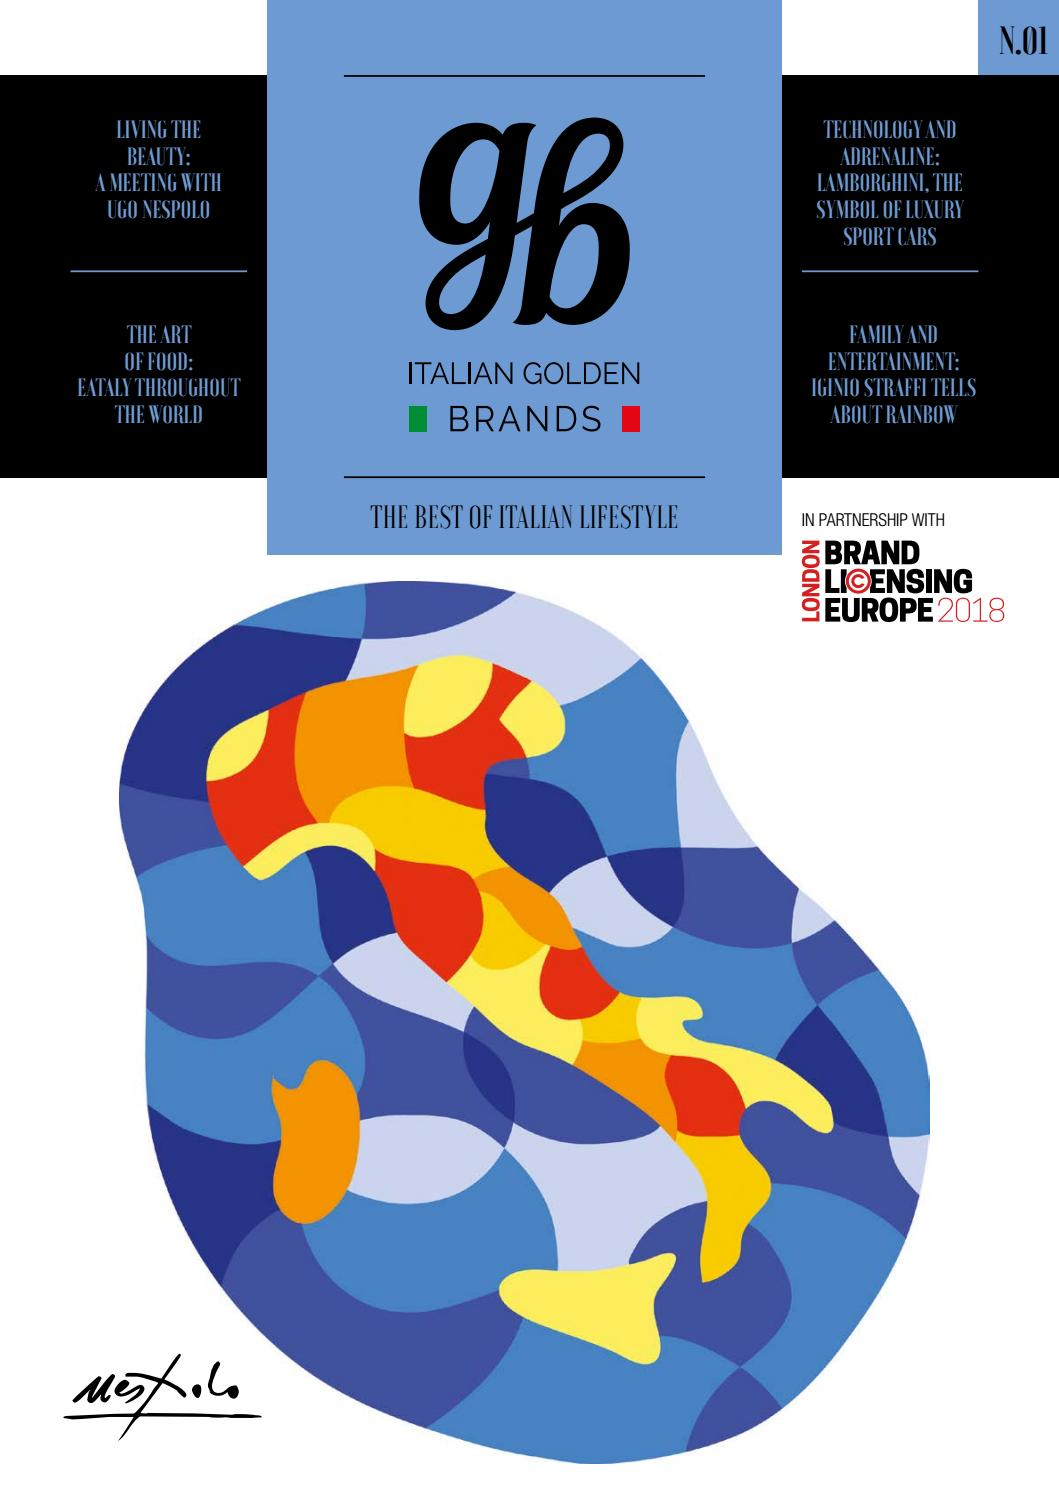 IGB_Italian Golden Brands_01 - ENG